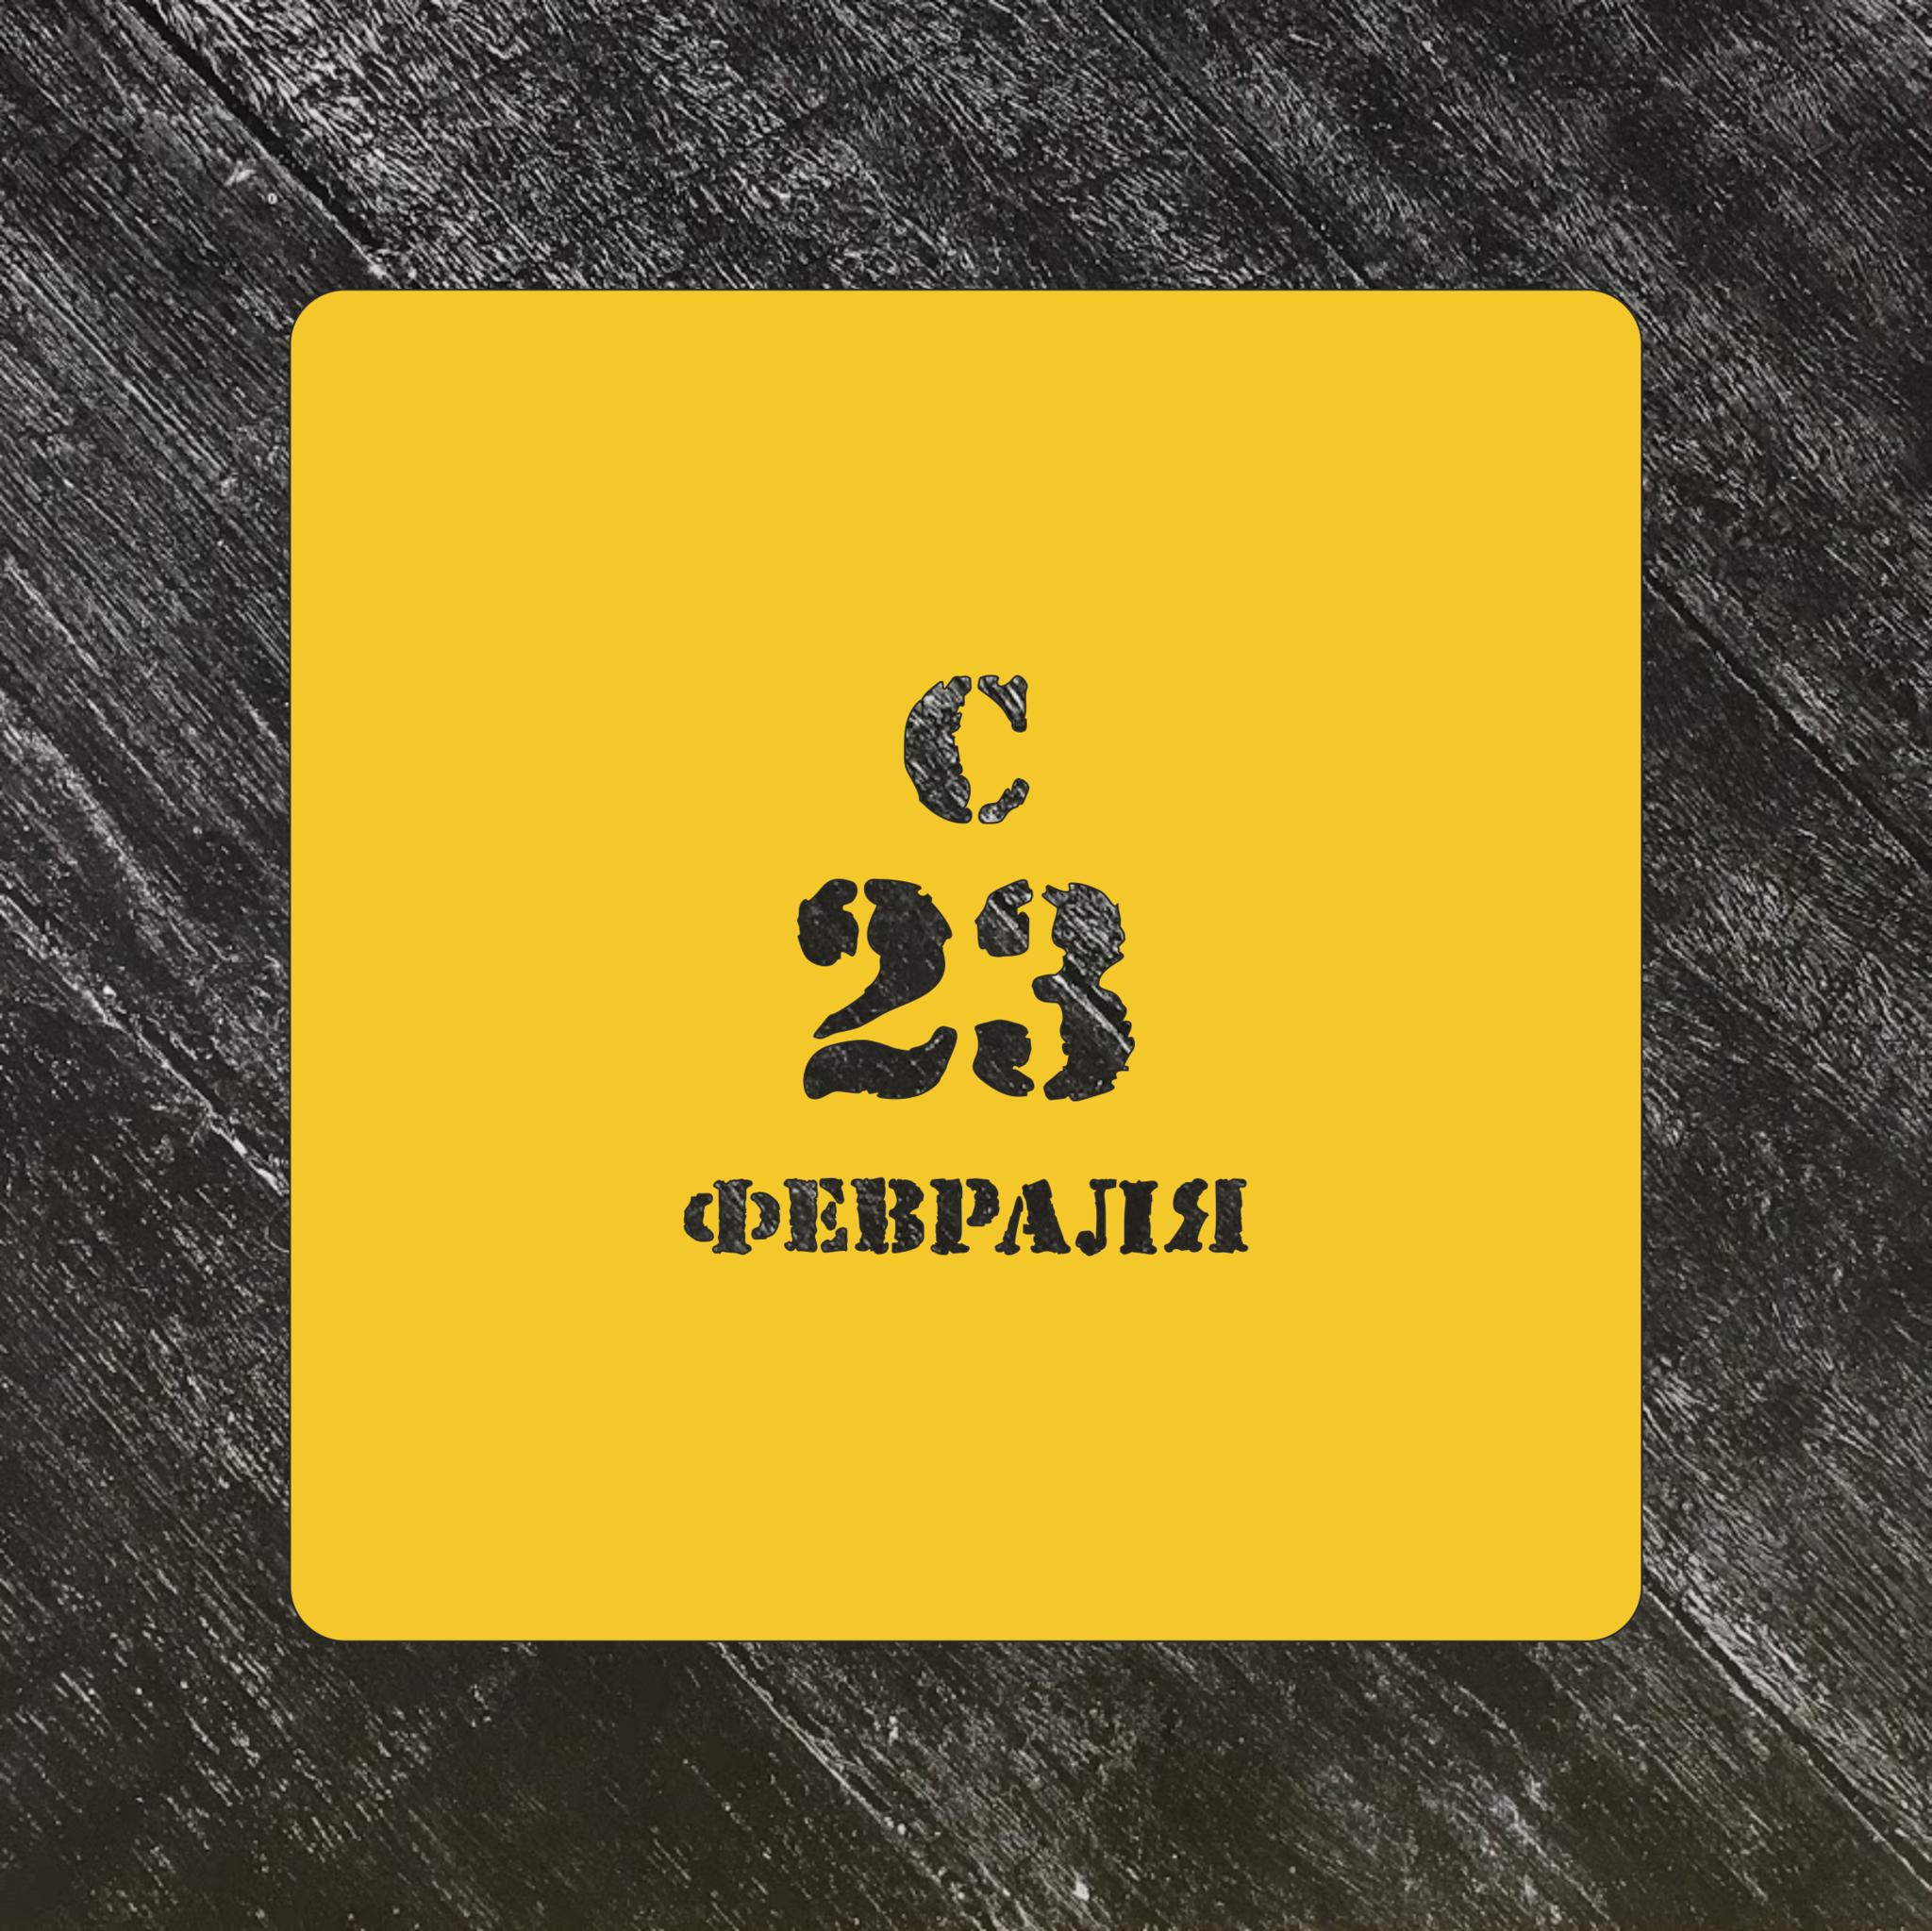 Трафарет 23 февраля №5